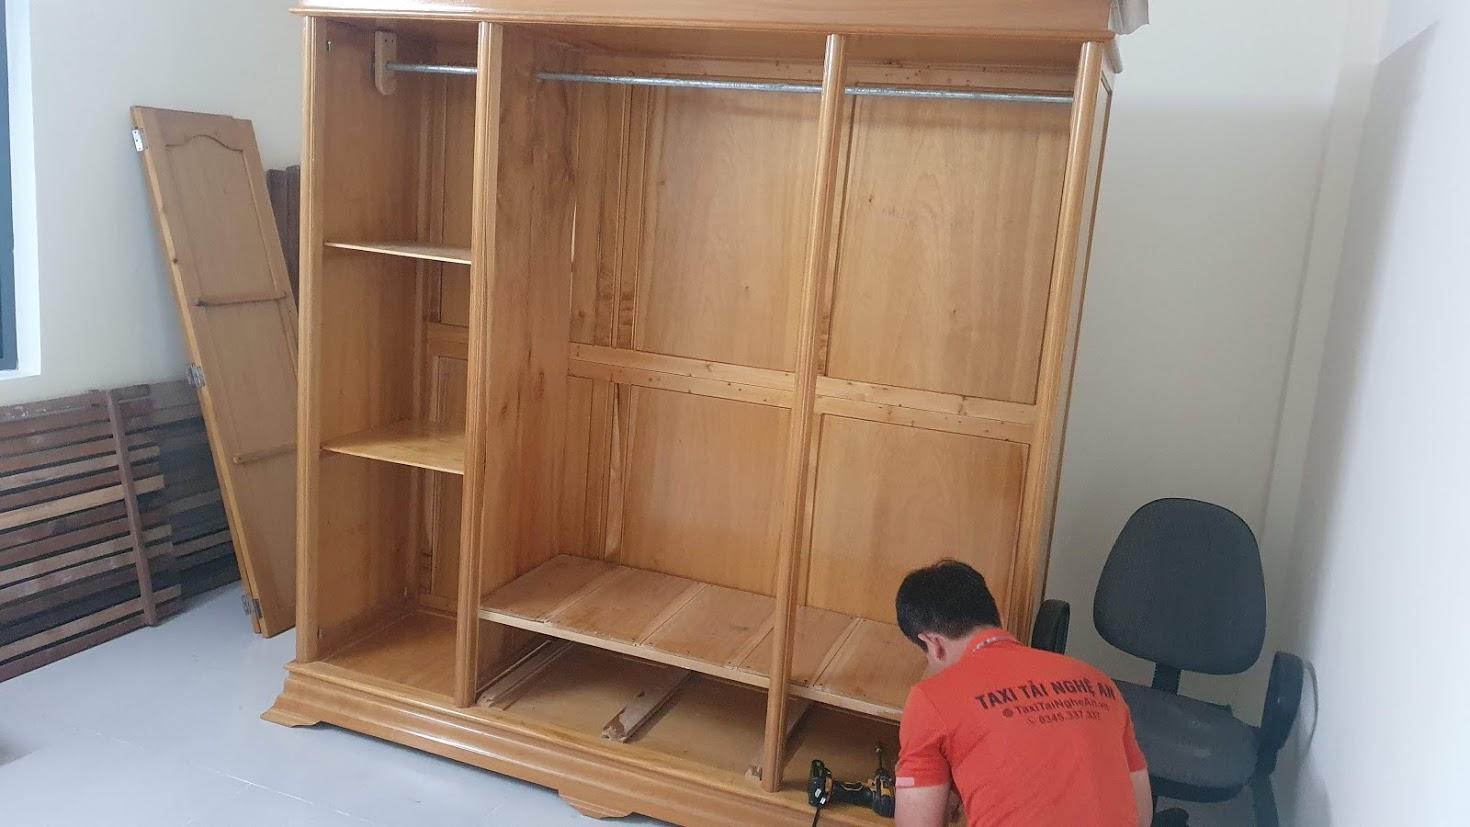 Chuyển Nhà Nghệ An - Tháo lắp tủ gỗ